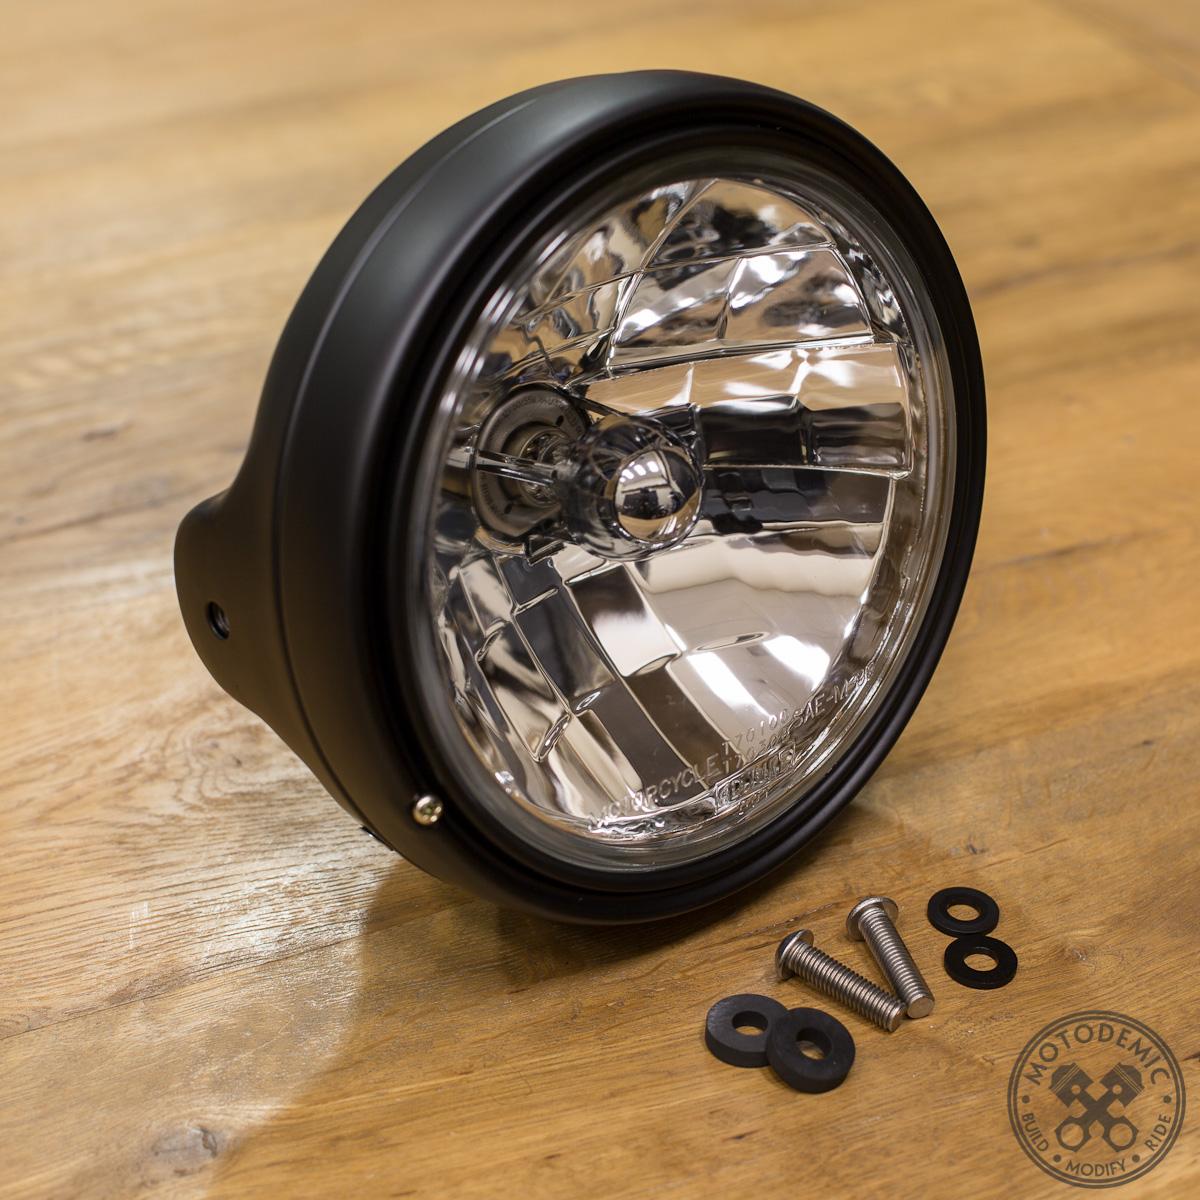 7 Inch Metric Style Headlamp Bucket Motodemic